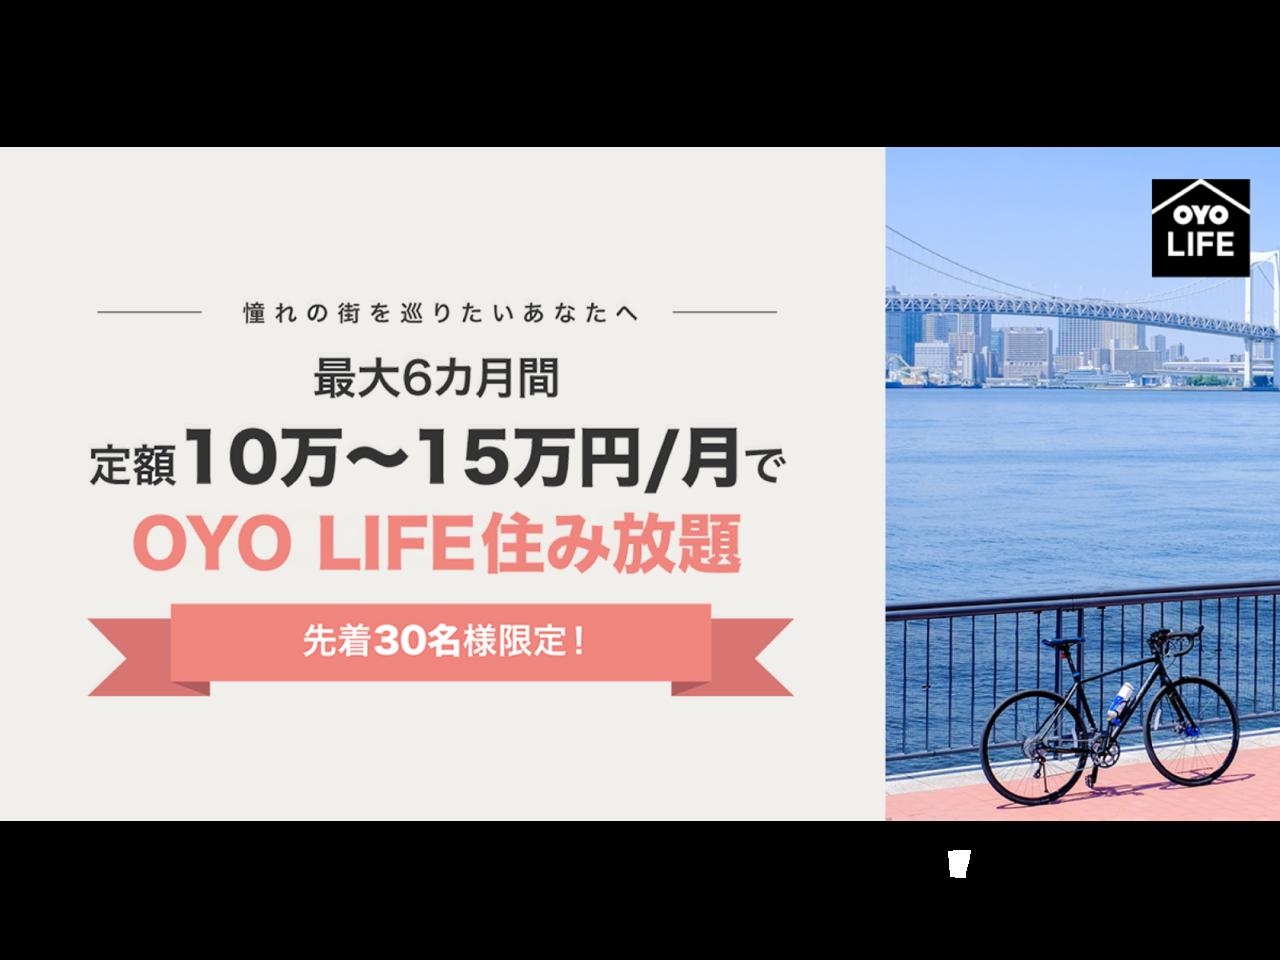 「ワーケーション」を試そう。月々10~15万円の定額で最大6ヶ月間、色々なエリアに住み放題。